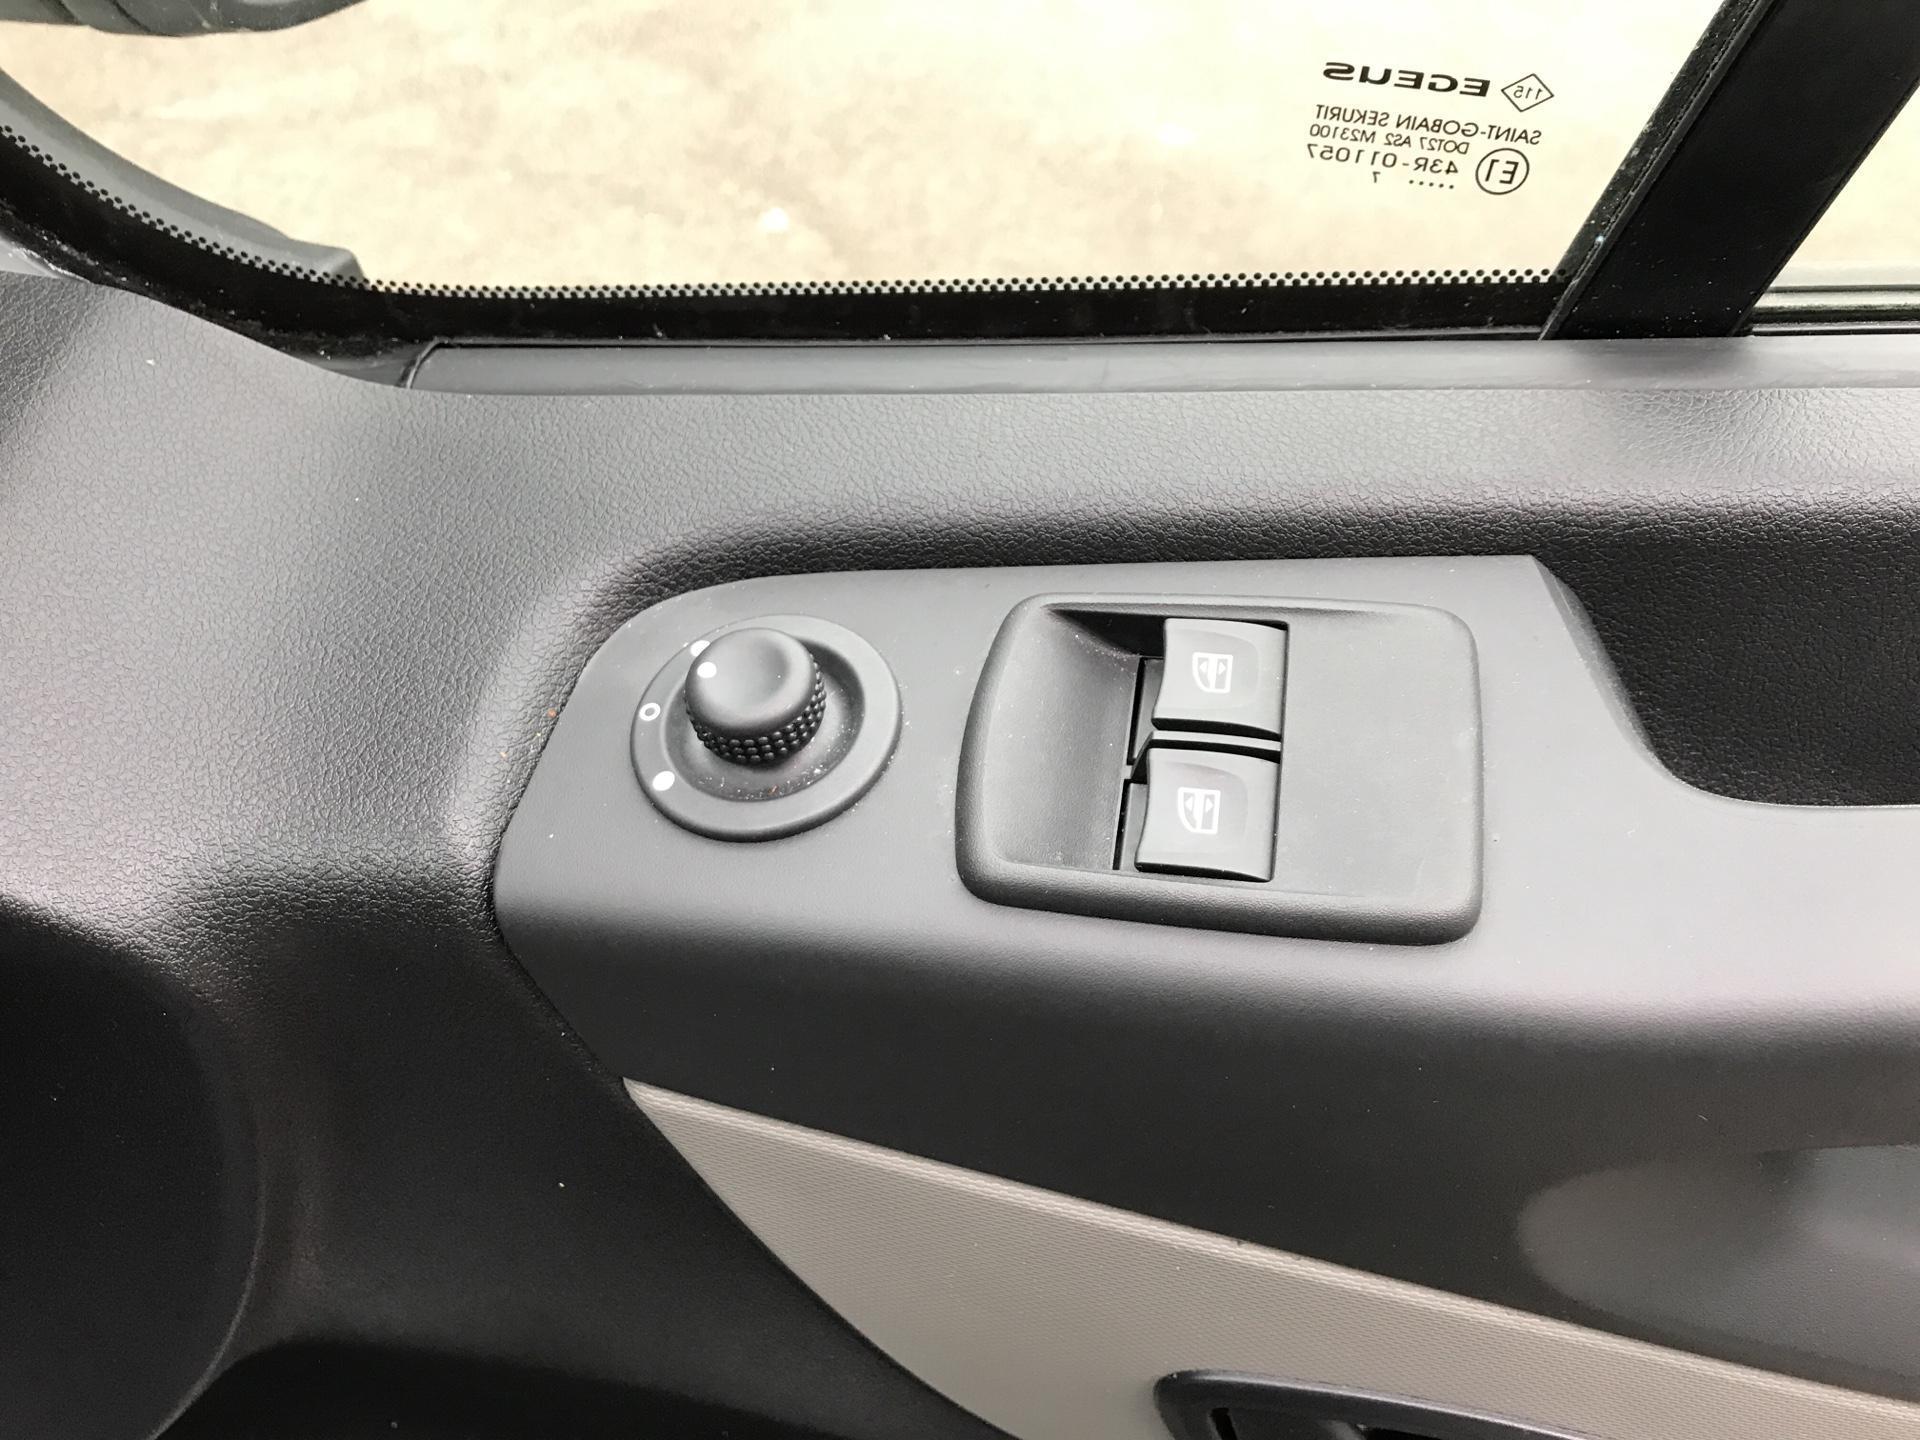 2017 Renault Trafic SL27 ENERGY DCI 125  BUSINESS VAN EURO 6 (HN67YRG) Image 15